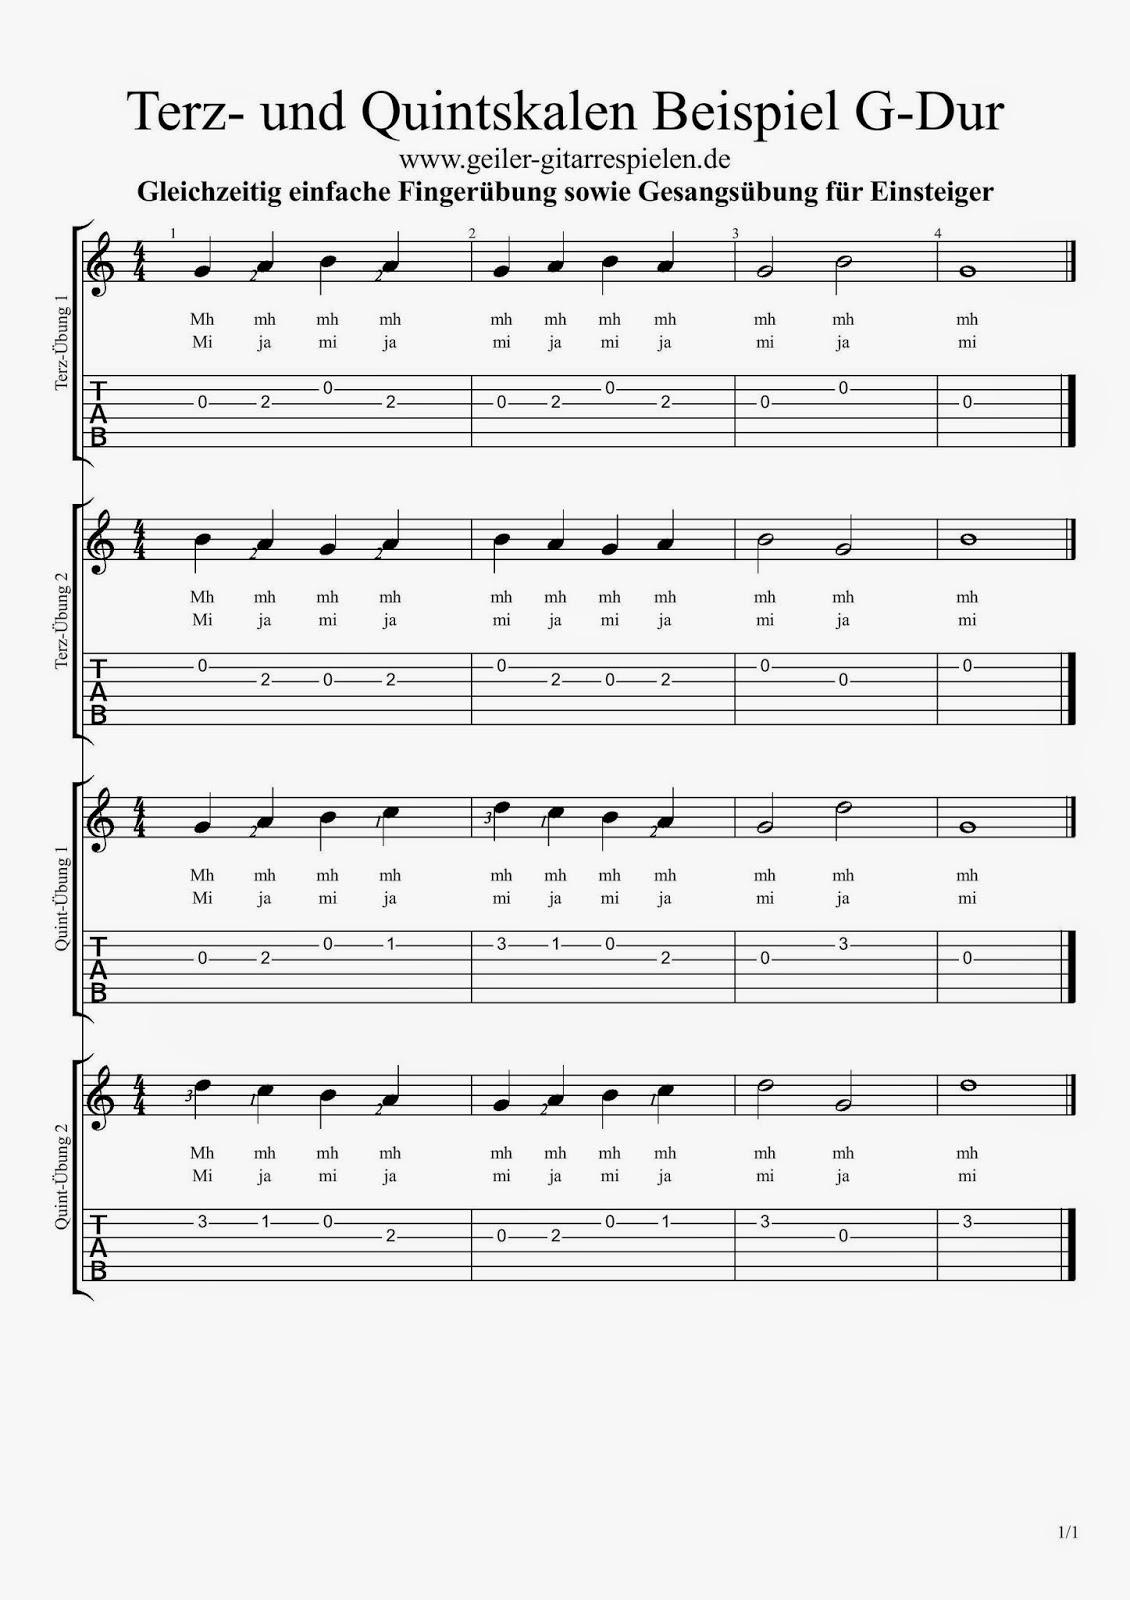 Fingerübung und Gesangsübung in G-Dur